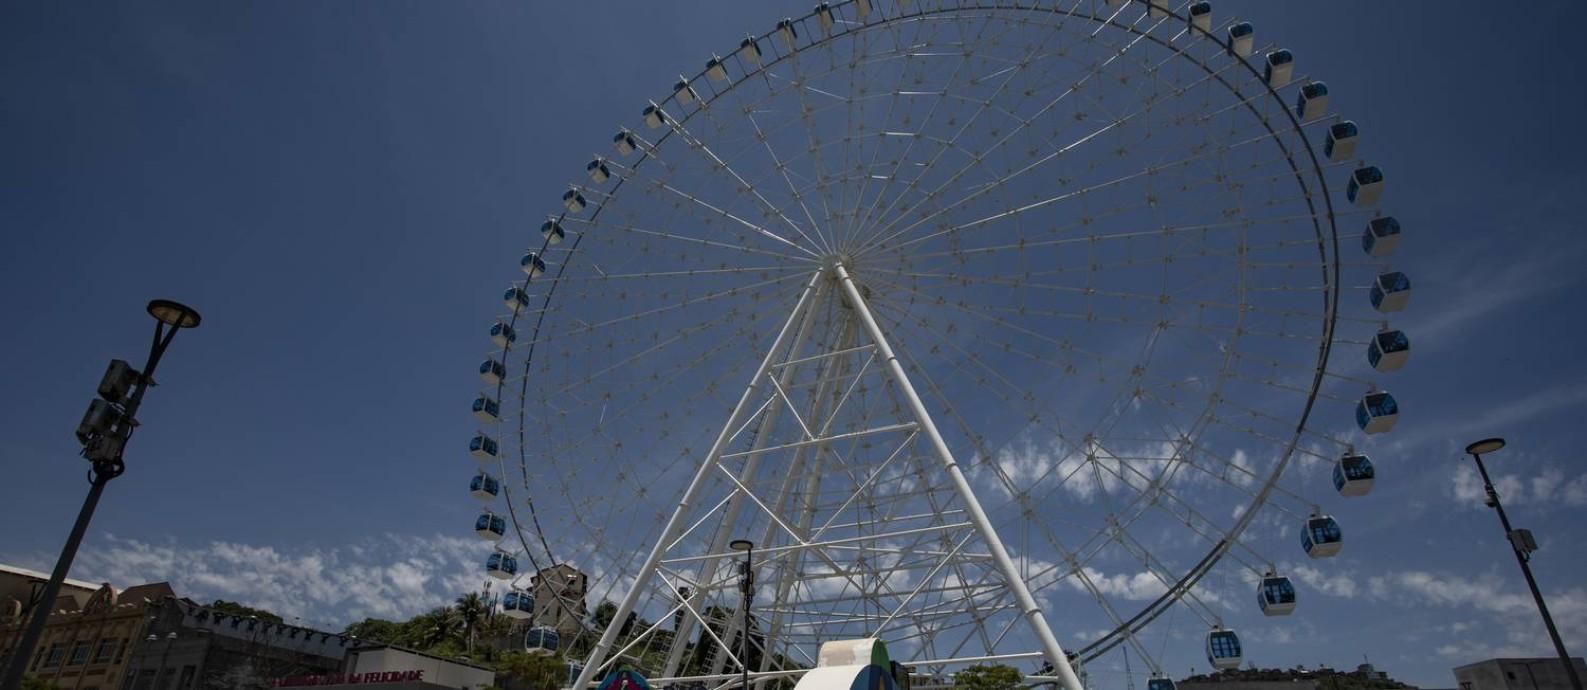 Roda-gigante do Rio: atração turística na zona portuária Foto: Ana Branco / Agência O Globo